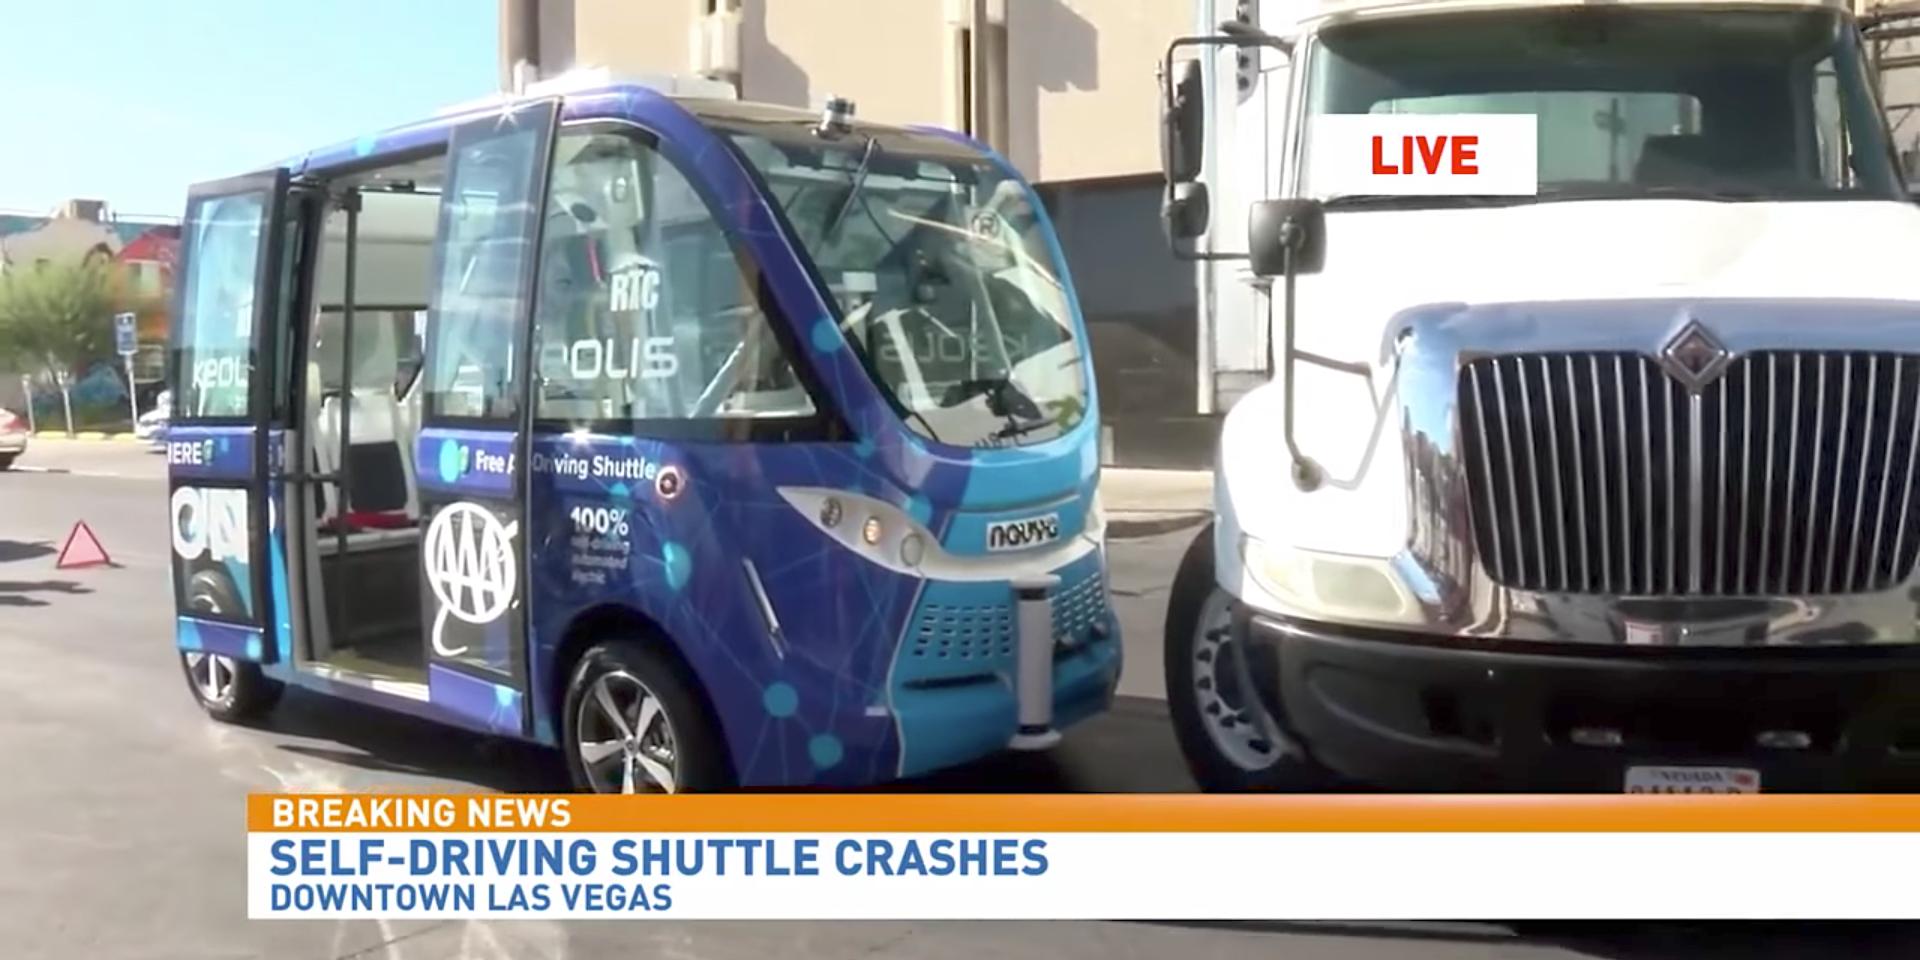 Le bus autonome de Las Vegas a eu un accident lors de son premier jour de service